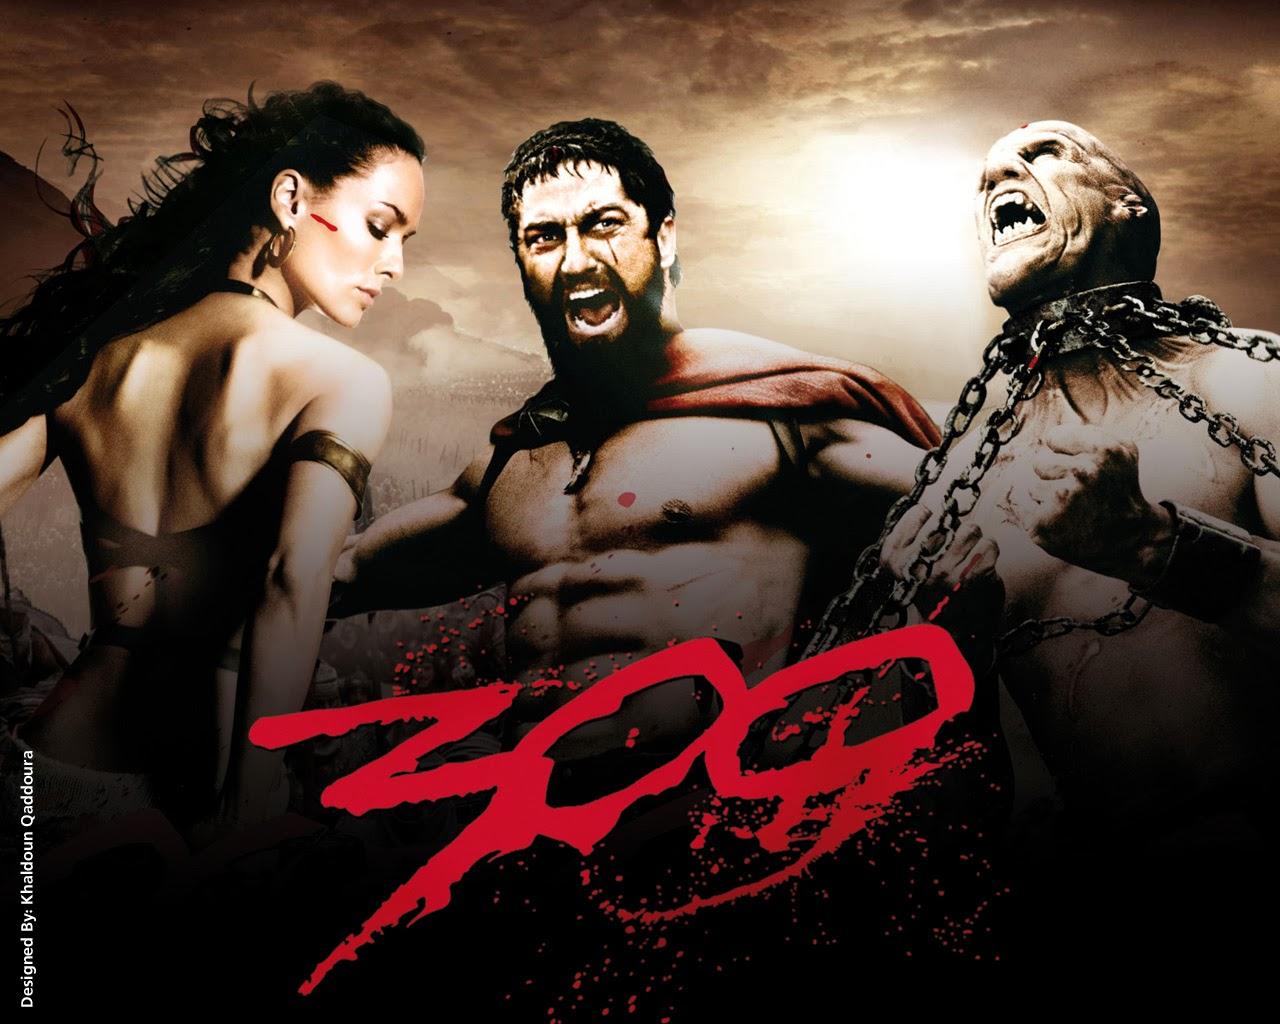 300 Full Movie >> Movie Zone 300 2006 Bluray Rip 720p Free Full Movie